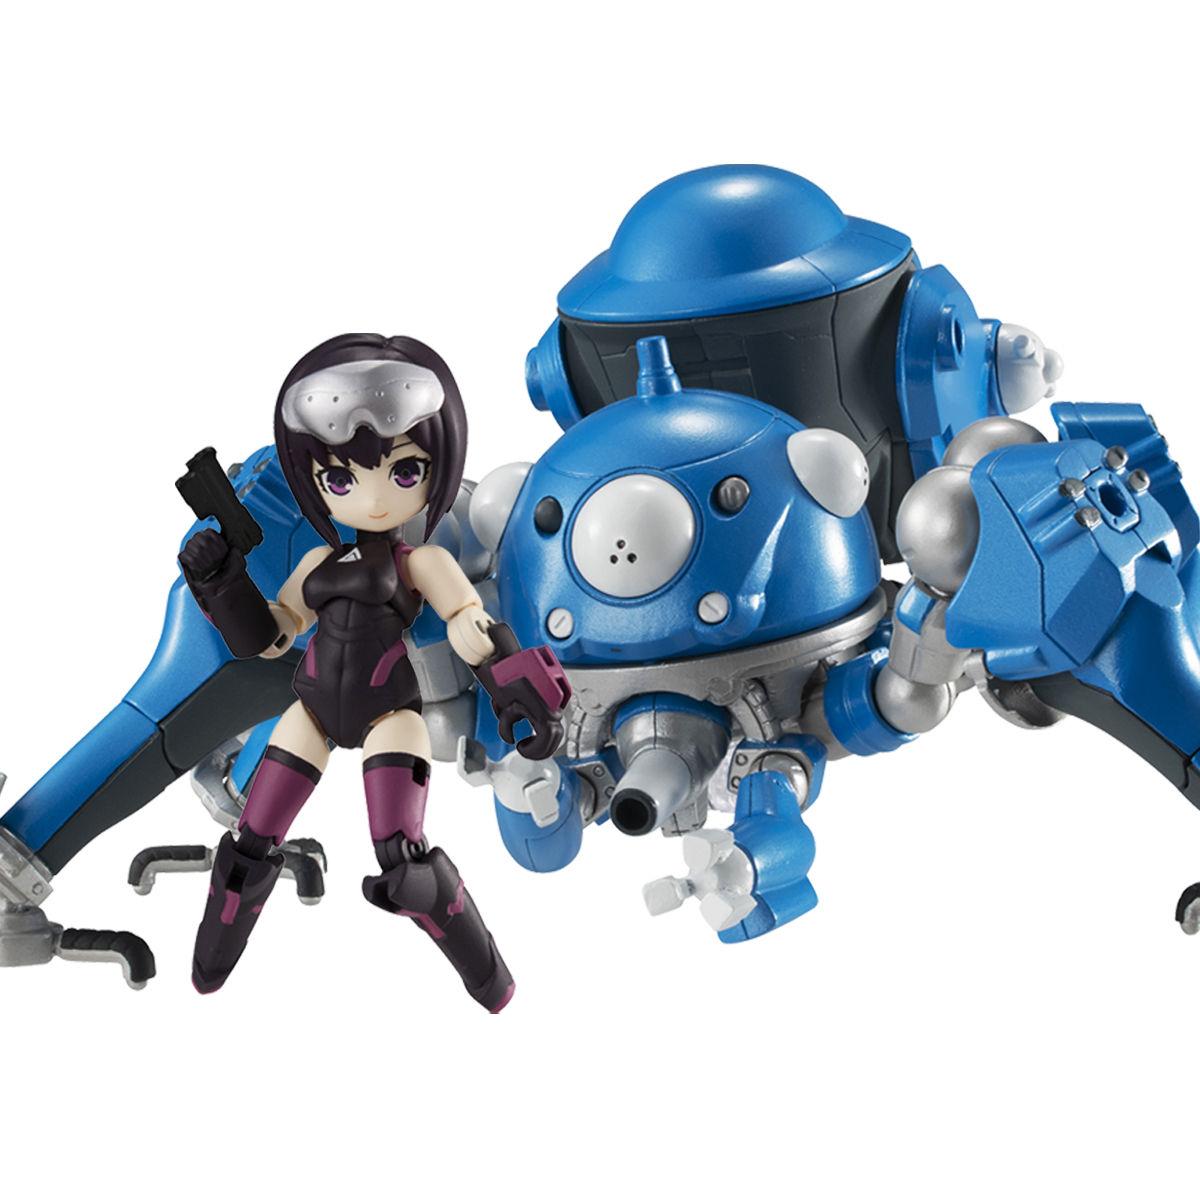 デスクトップアーミー『草薙素子&タチコマ』攻殻機動隊SAC_2045 デフォルメ可動フィギュア-001